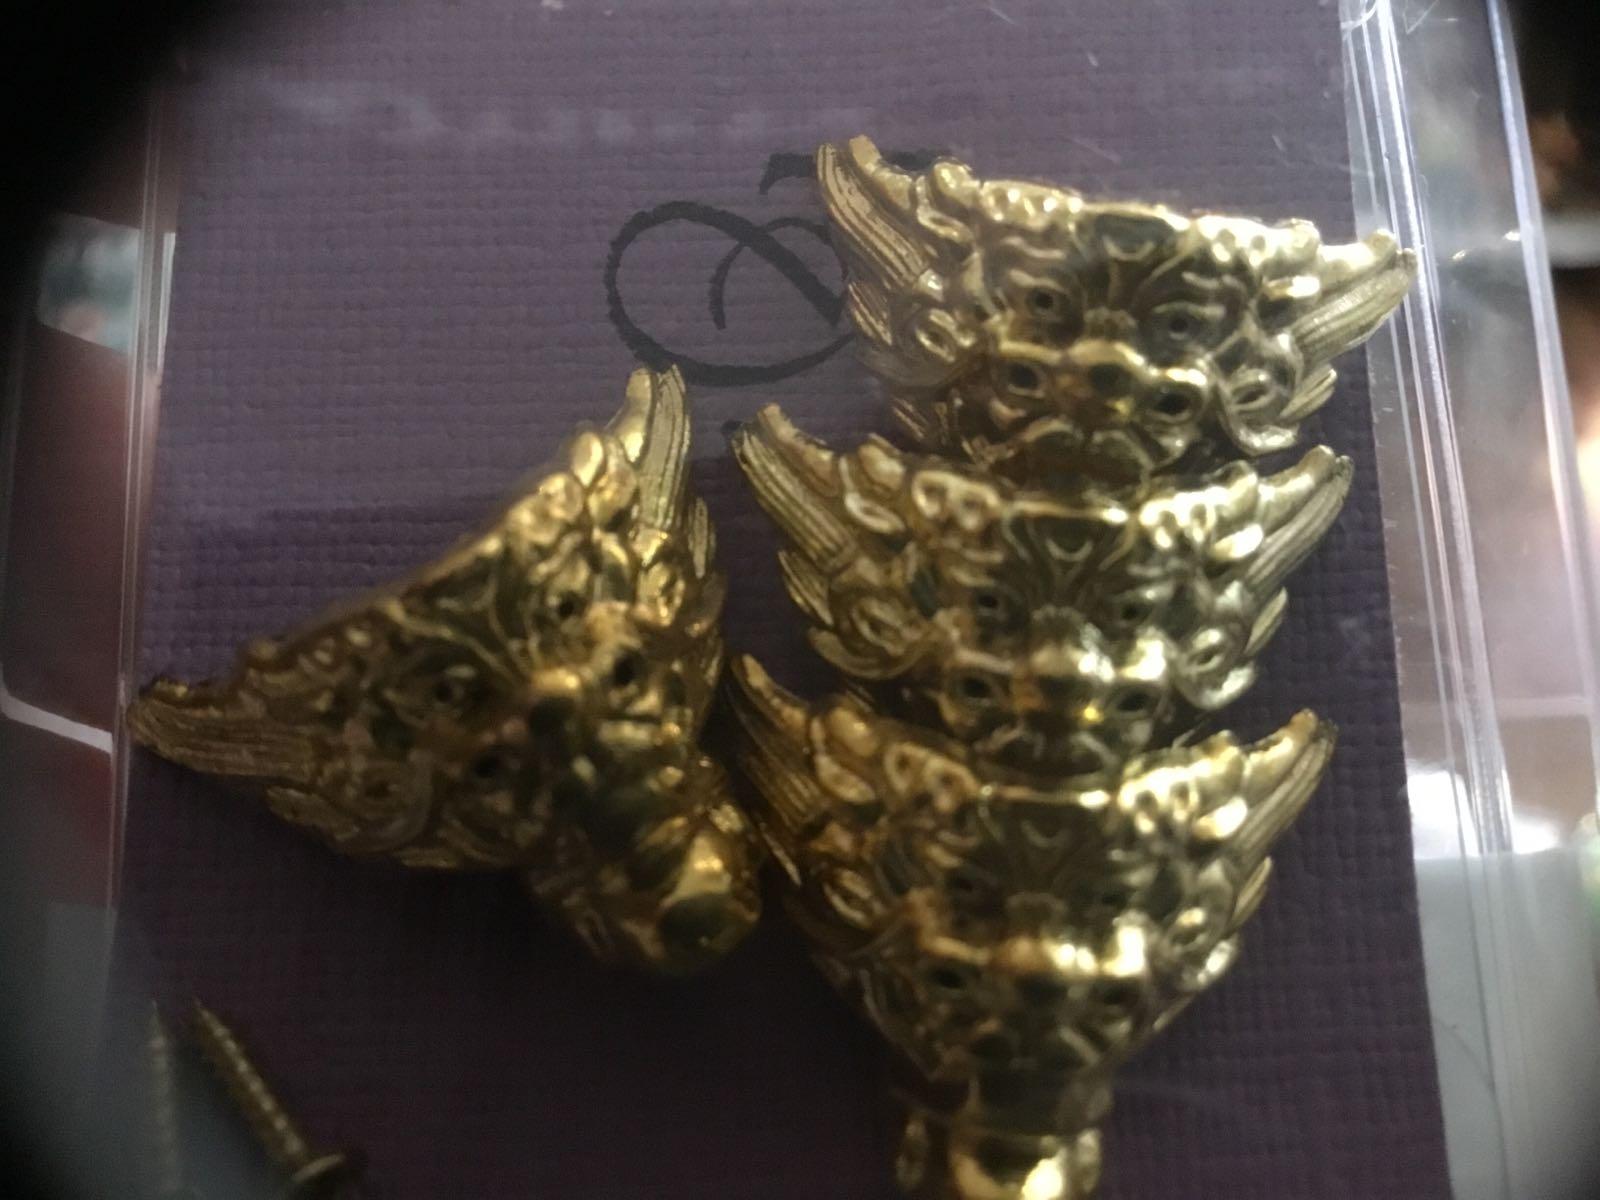 4stk Gullfarget føtter små med skruer